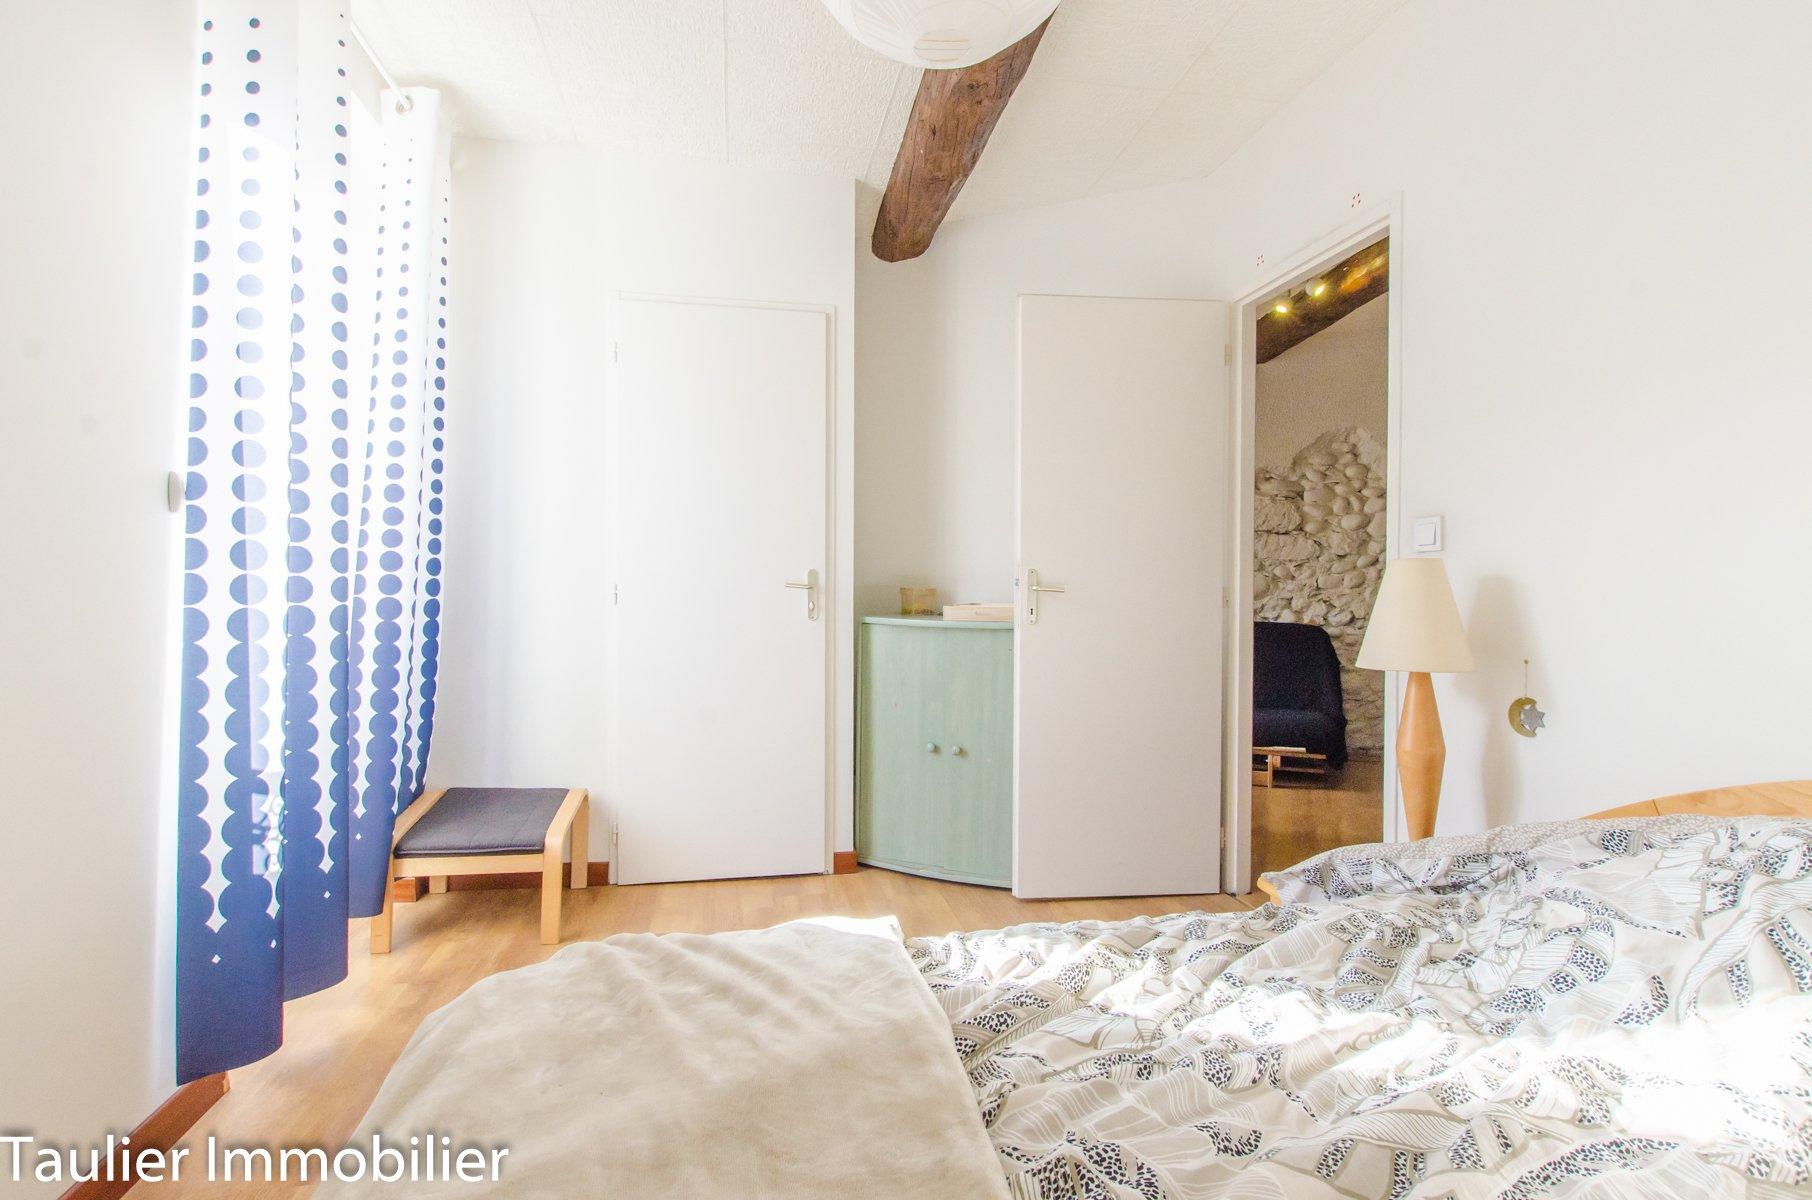 Appartement T4 triplex, très bon état